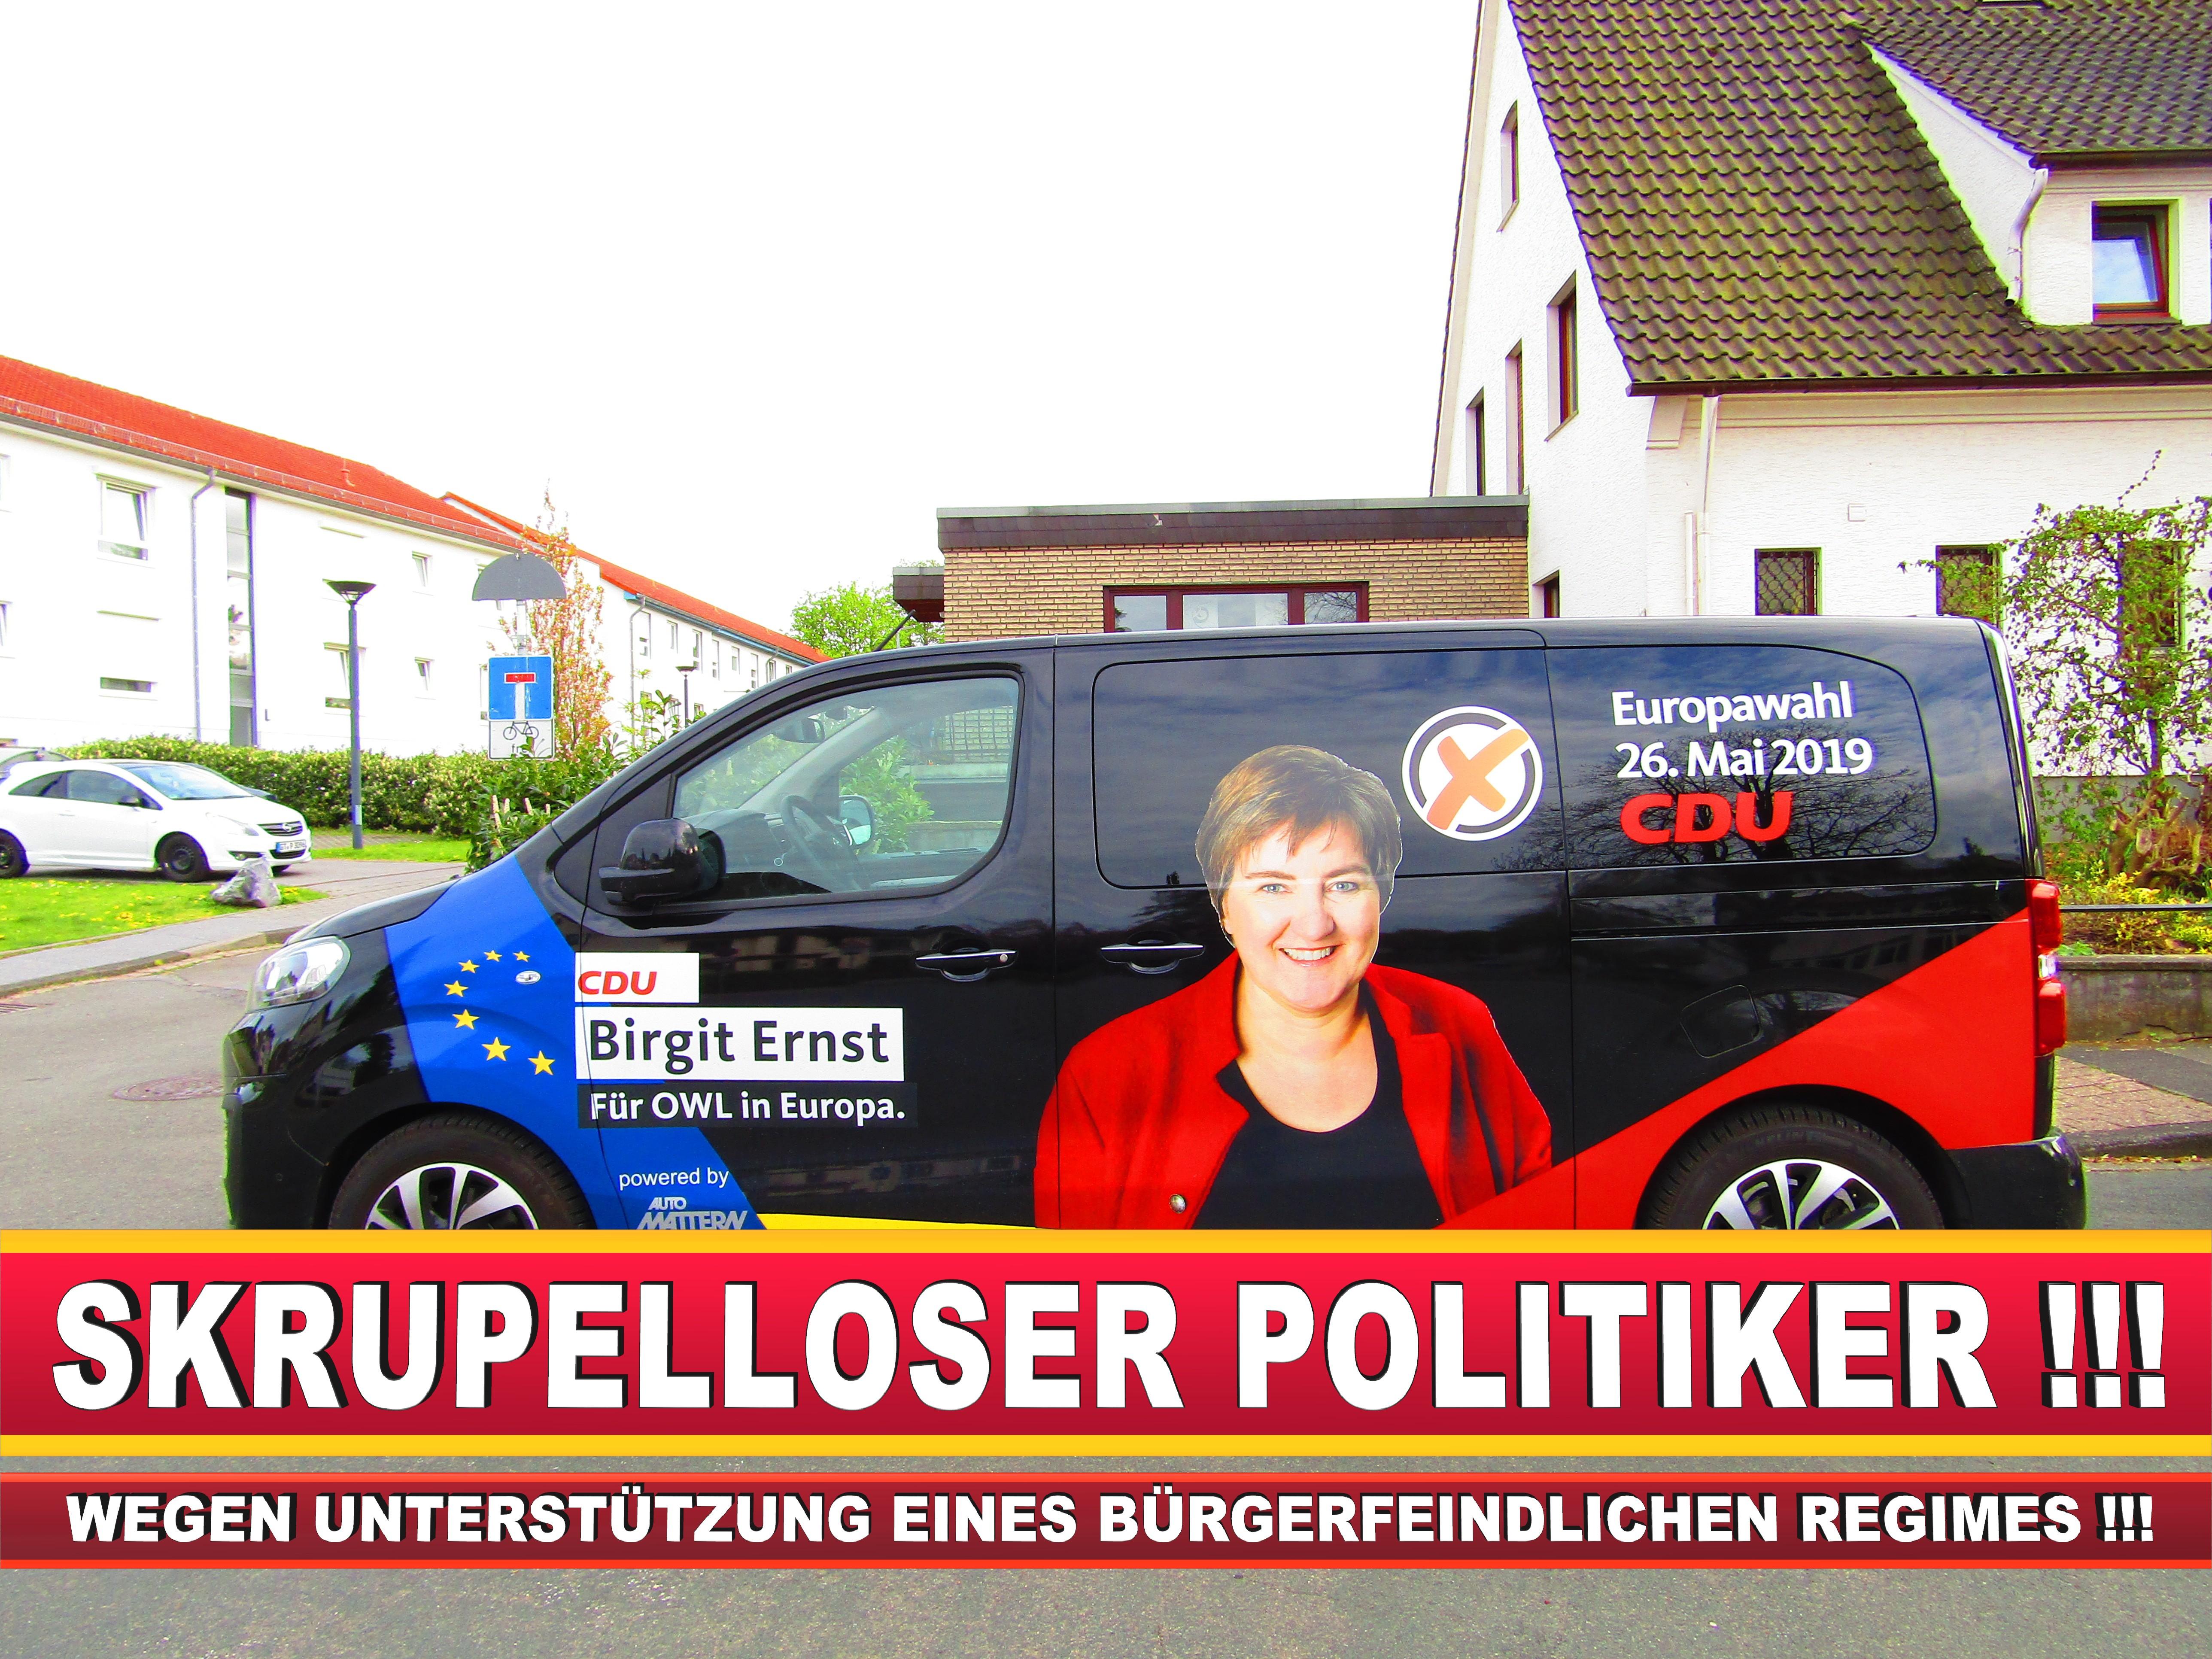 Europawahl Deutschland Birgit Ernst CDU (28)